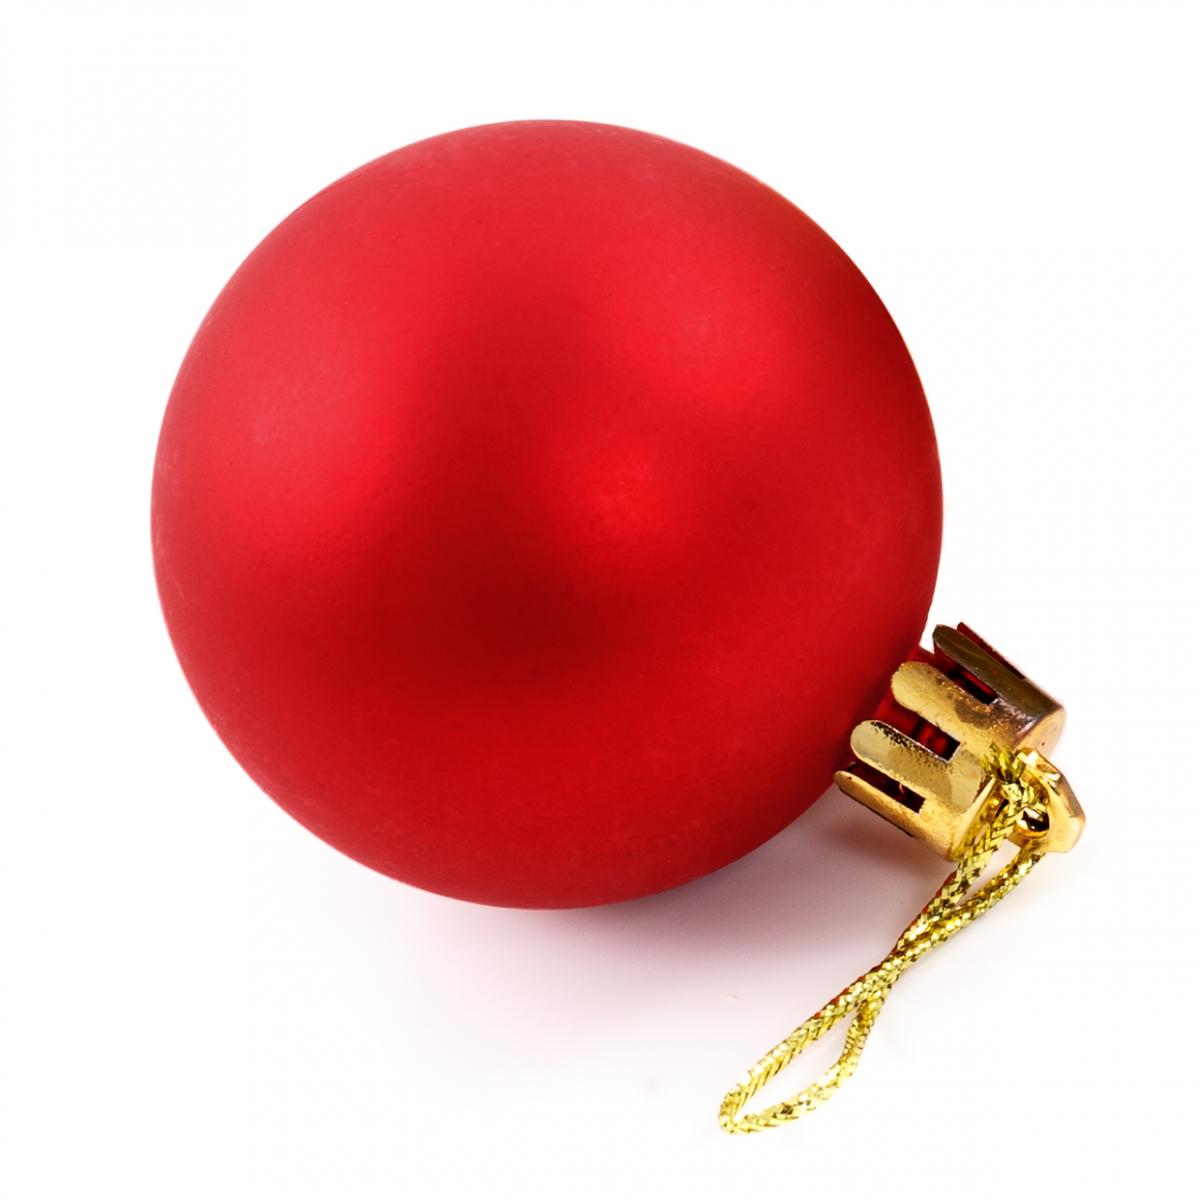 Imagen en la que se ve una bola de Navidad